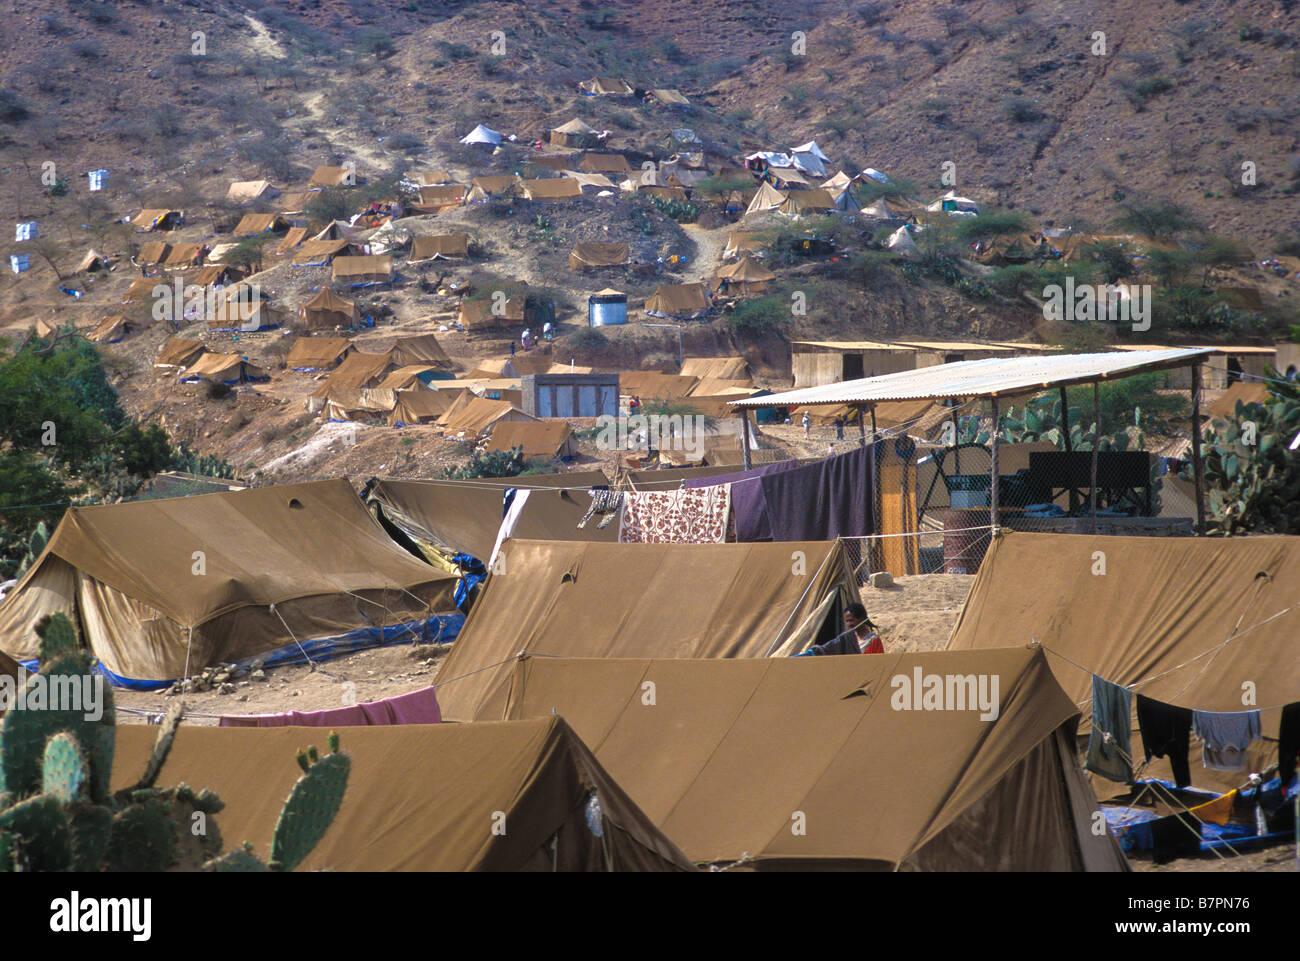 Conflict between Ethiopia and Eritrea